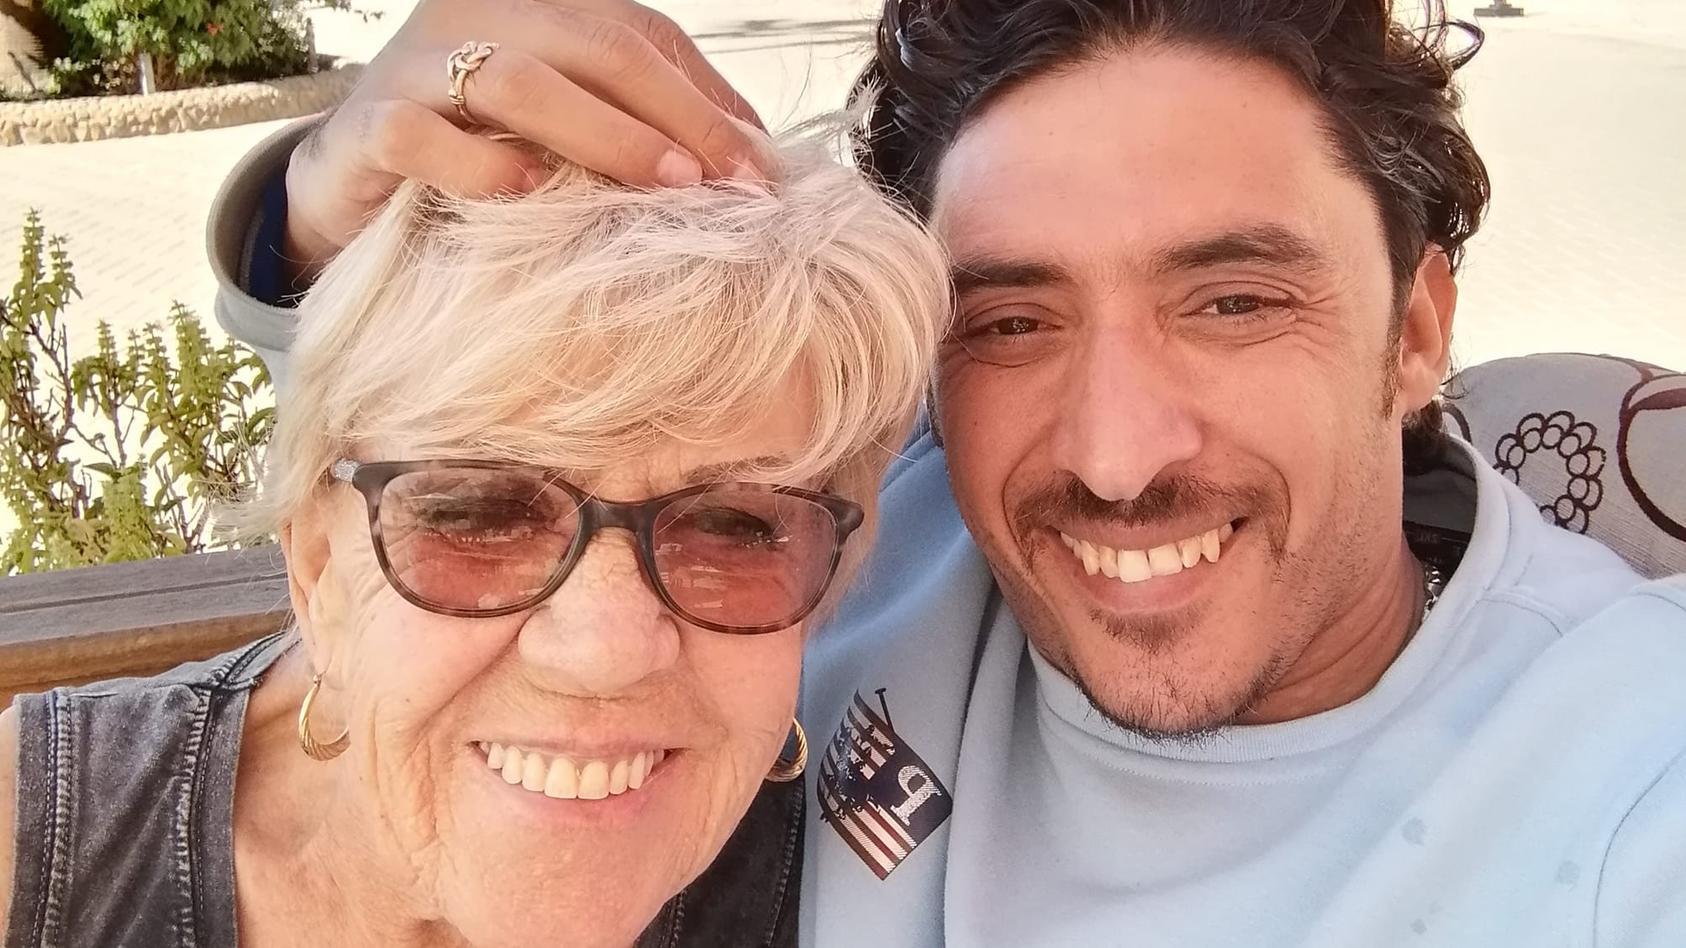 Trotz großem Altersunterschied: Iris Jones und ihr Ehemann Mohamed Ahmed Ibriham sind ein Herz und eine Seele.